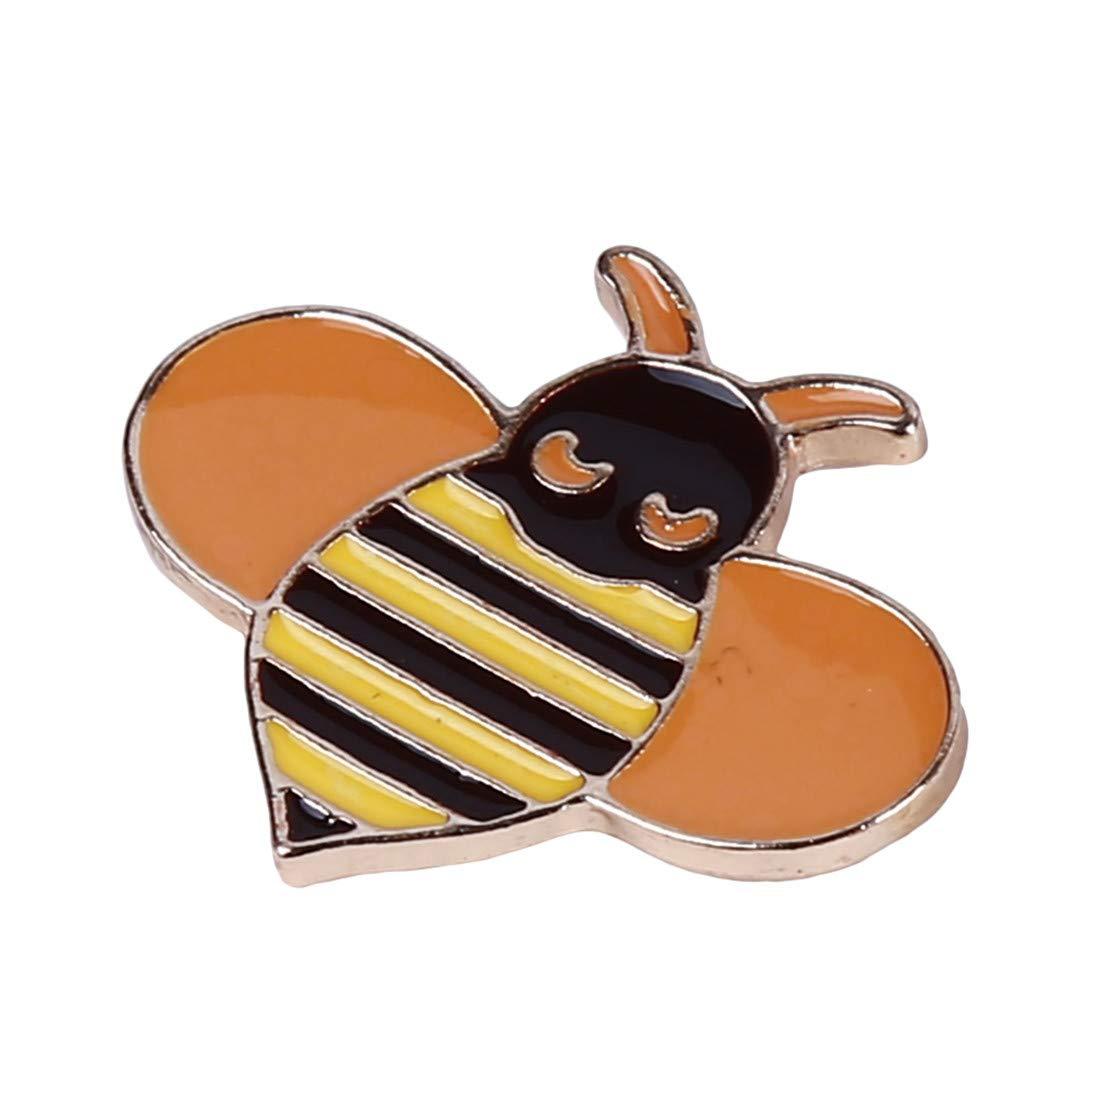 Biene Kissherely 1 St/ück Niedlichen Welpen K/ätzchen Brosche Sch/öne Tiere Emaille Abzeichen Pin Kleidung Rucksack Zubeh/ör Geschenk